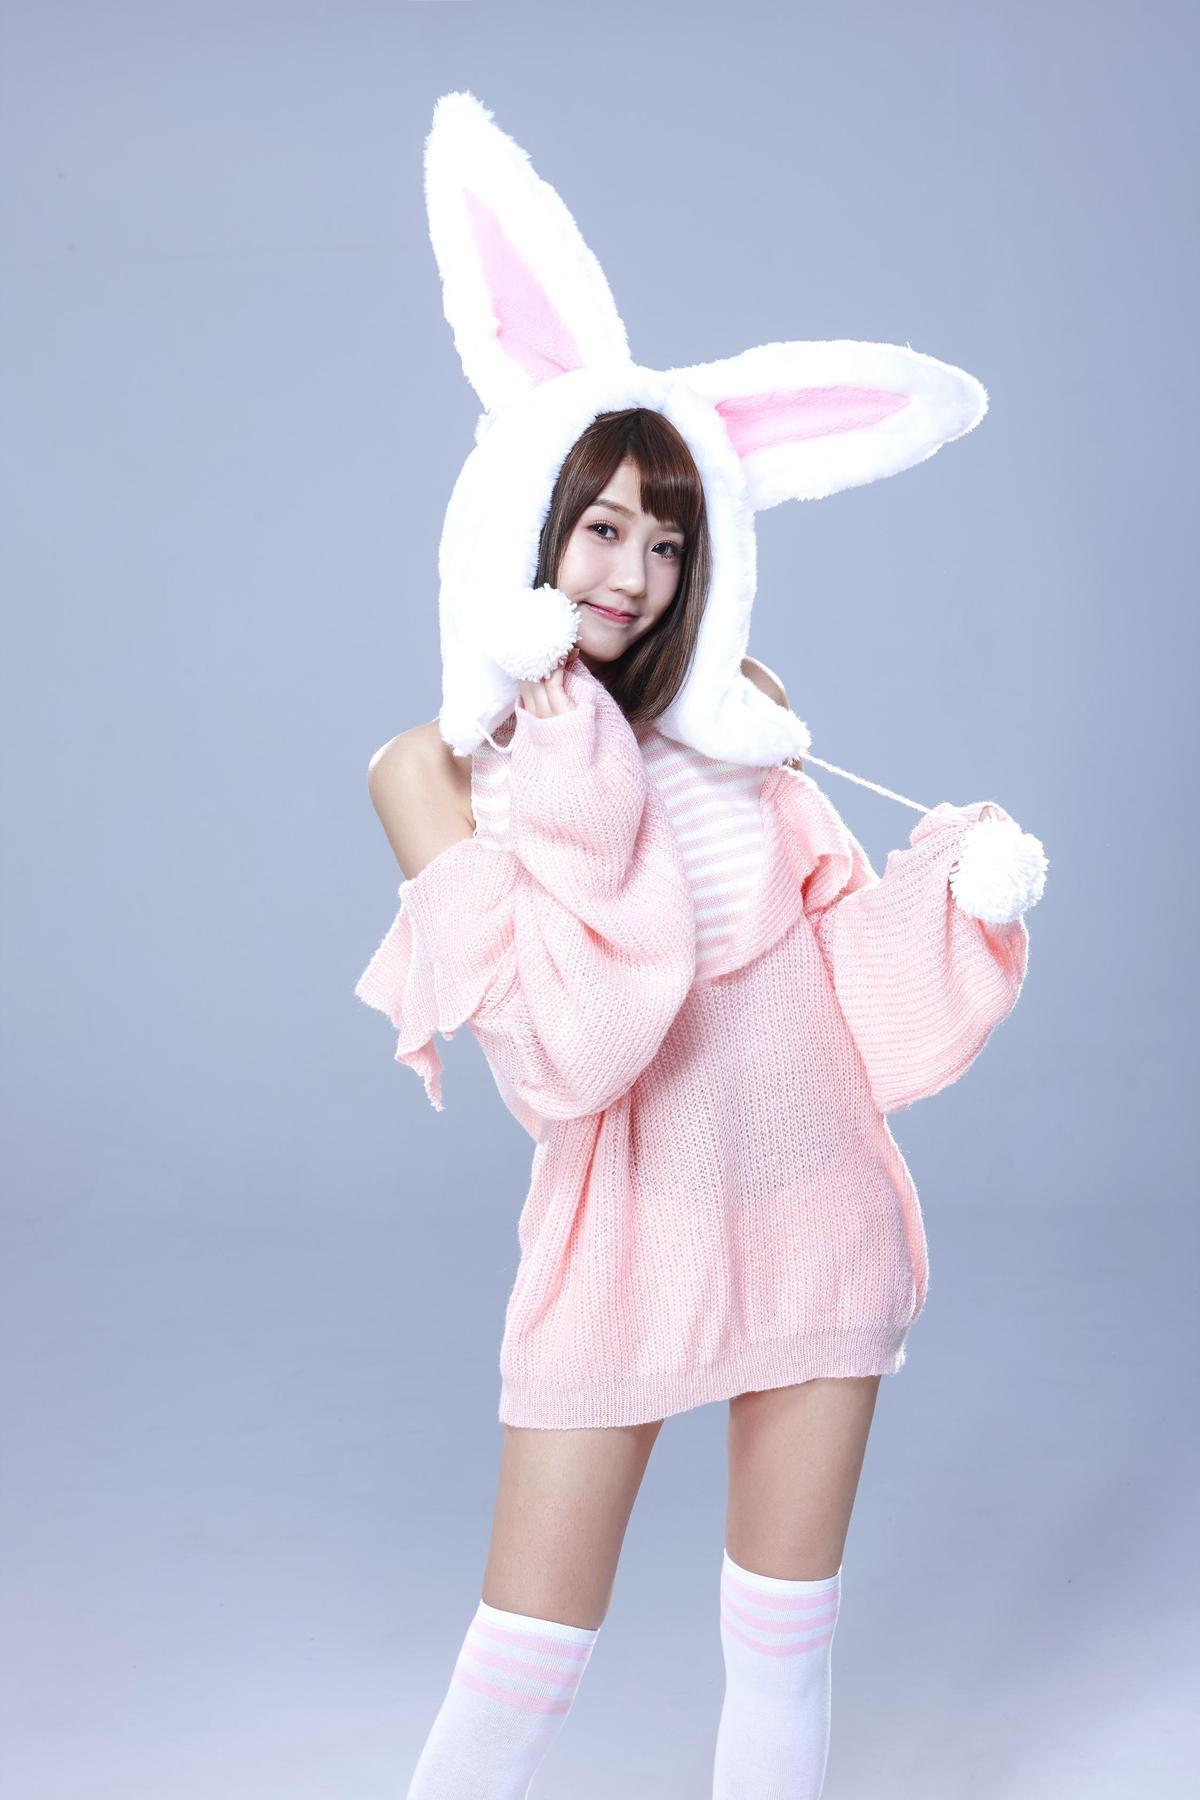 四葉草扮萌兔裝可愛,她對此造型表示很有cosplay的感覺。(金橋娛科提供)